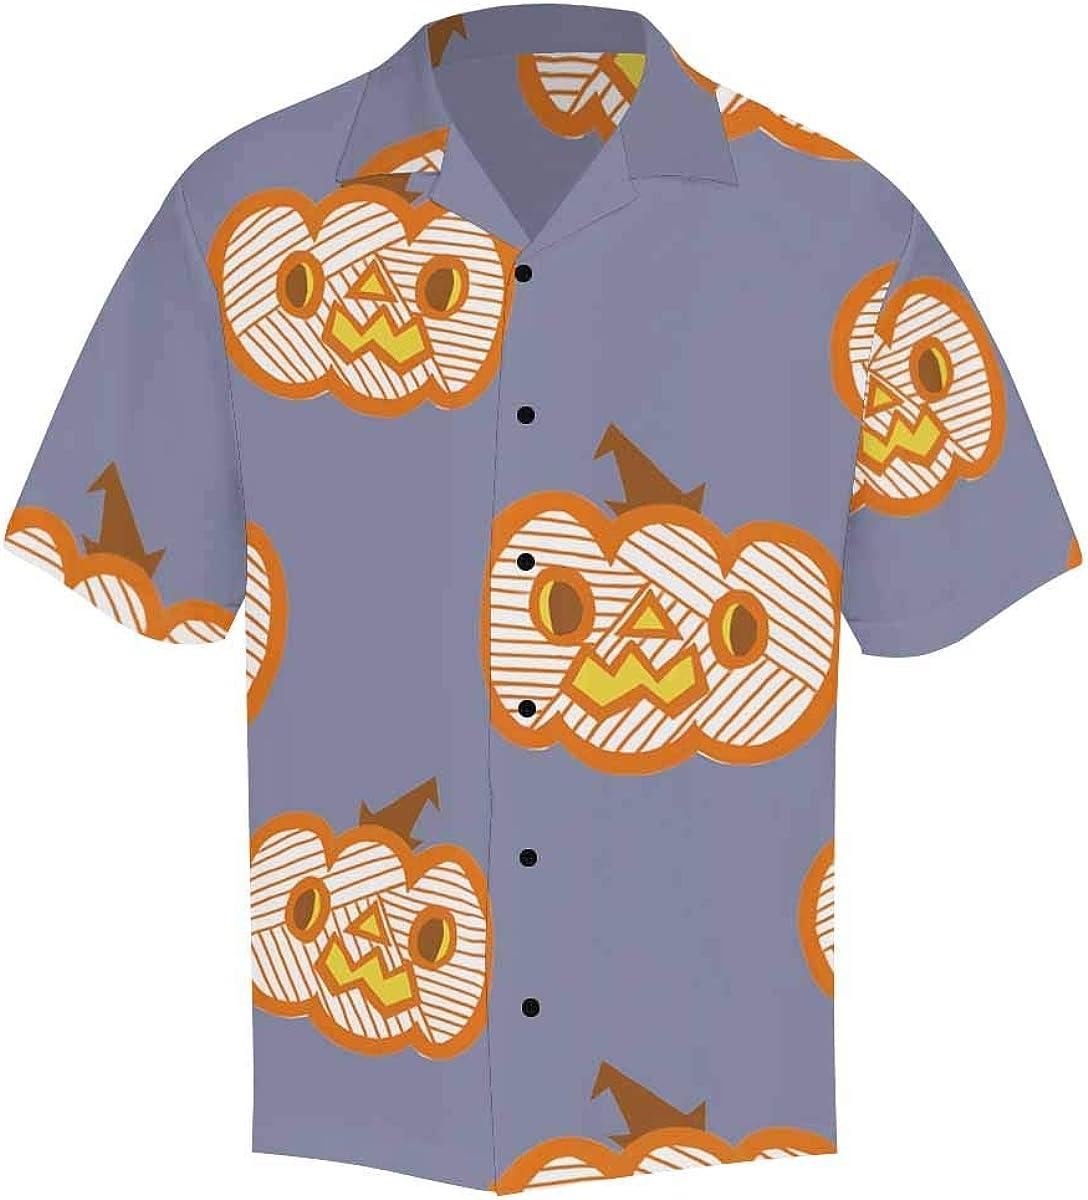 InterestPrint Men's Casual Button Down Short Sleeve Halloweem Pumpkin Hawaiian Shirt (S-5XL)